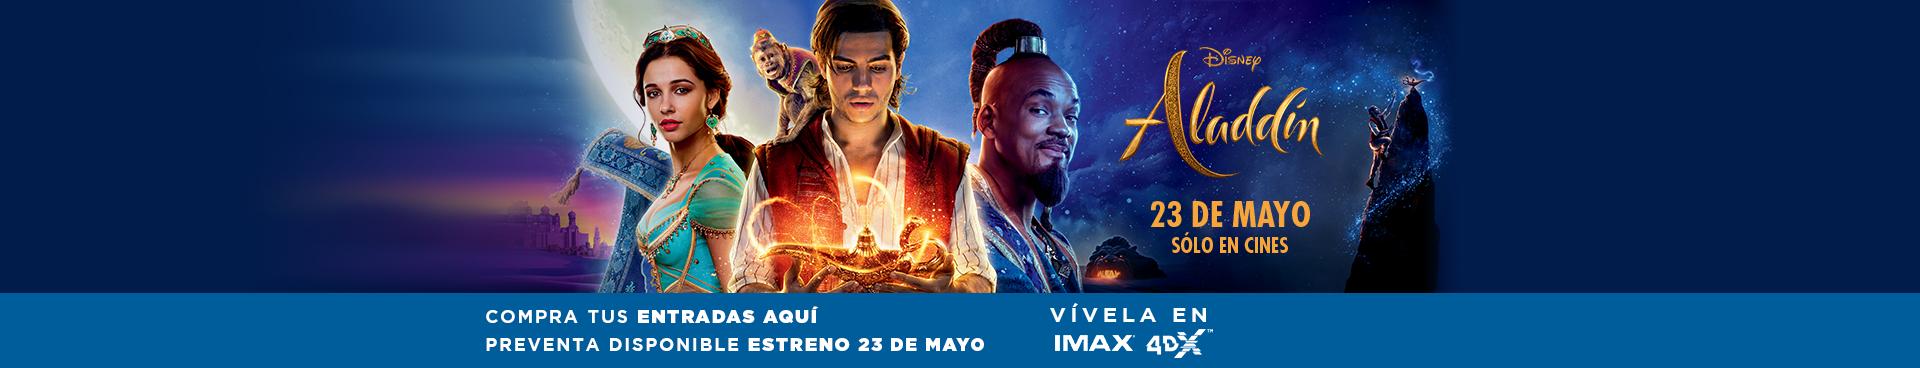 PREVENTA ALADDIN, VIVELA EN IMAX Y 4DX, ESTRENO 23 DE MAYO